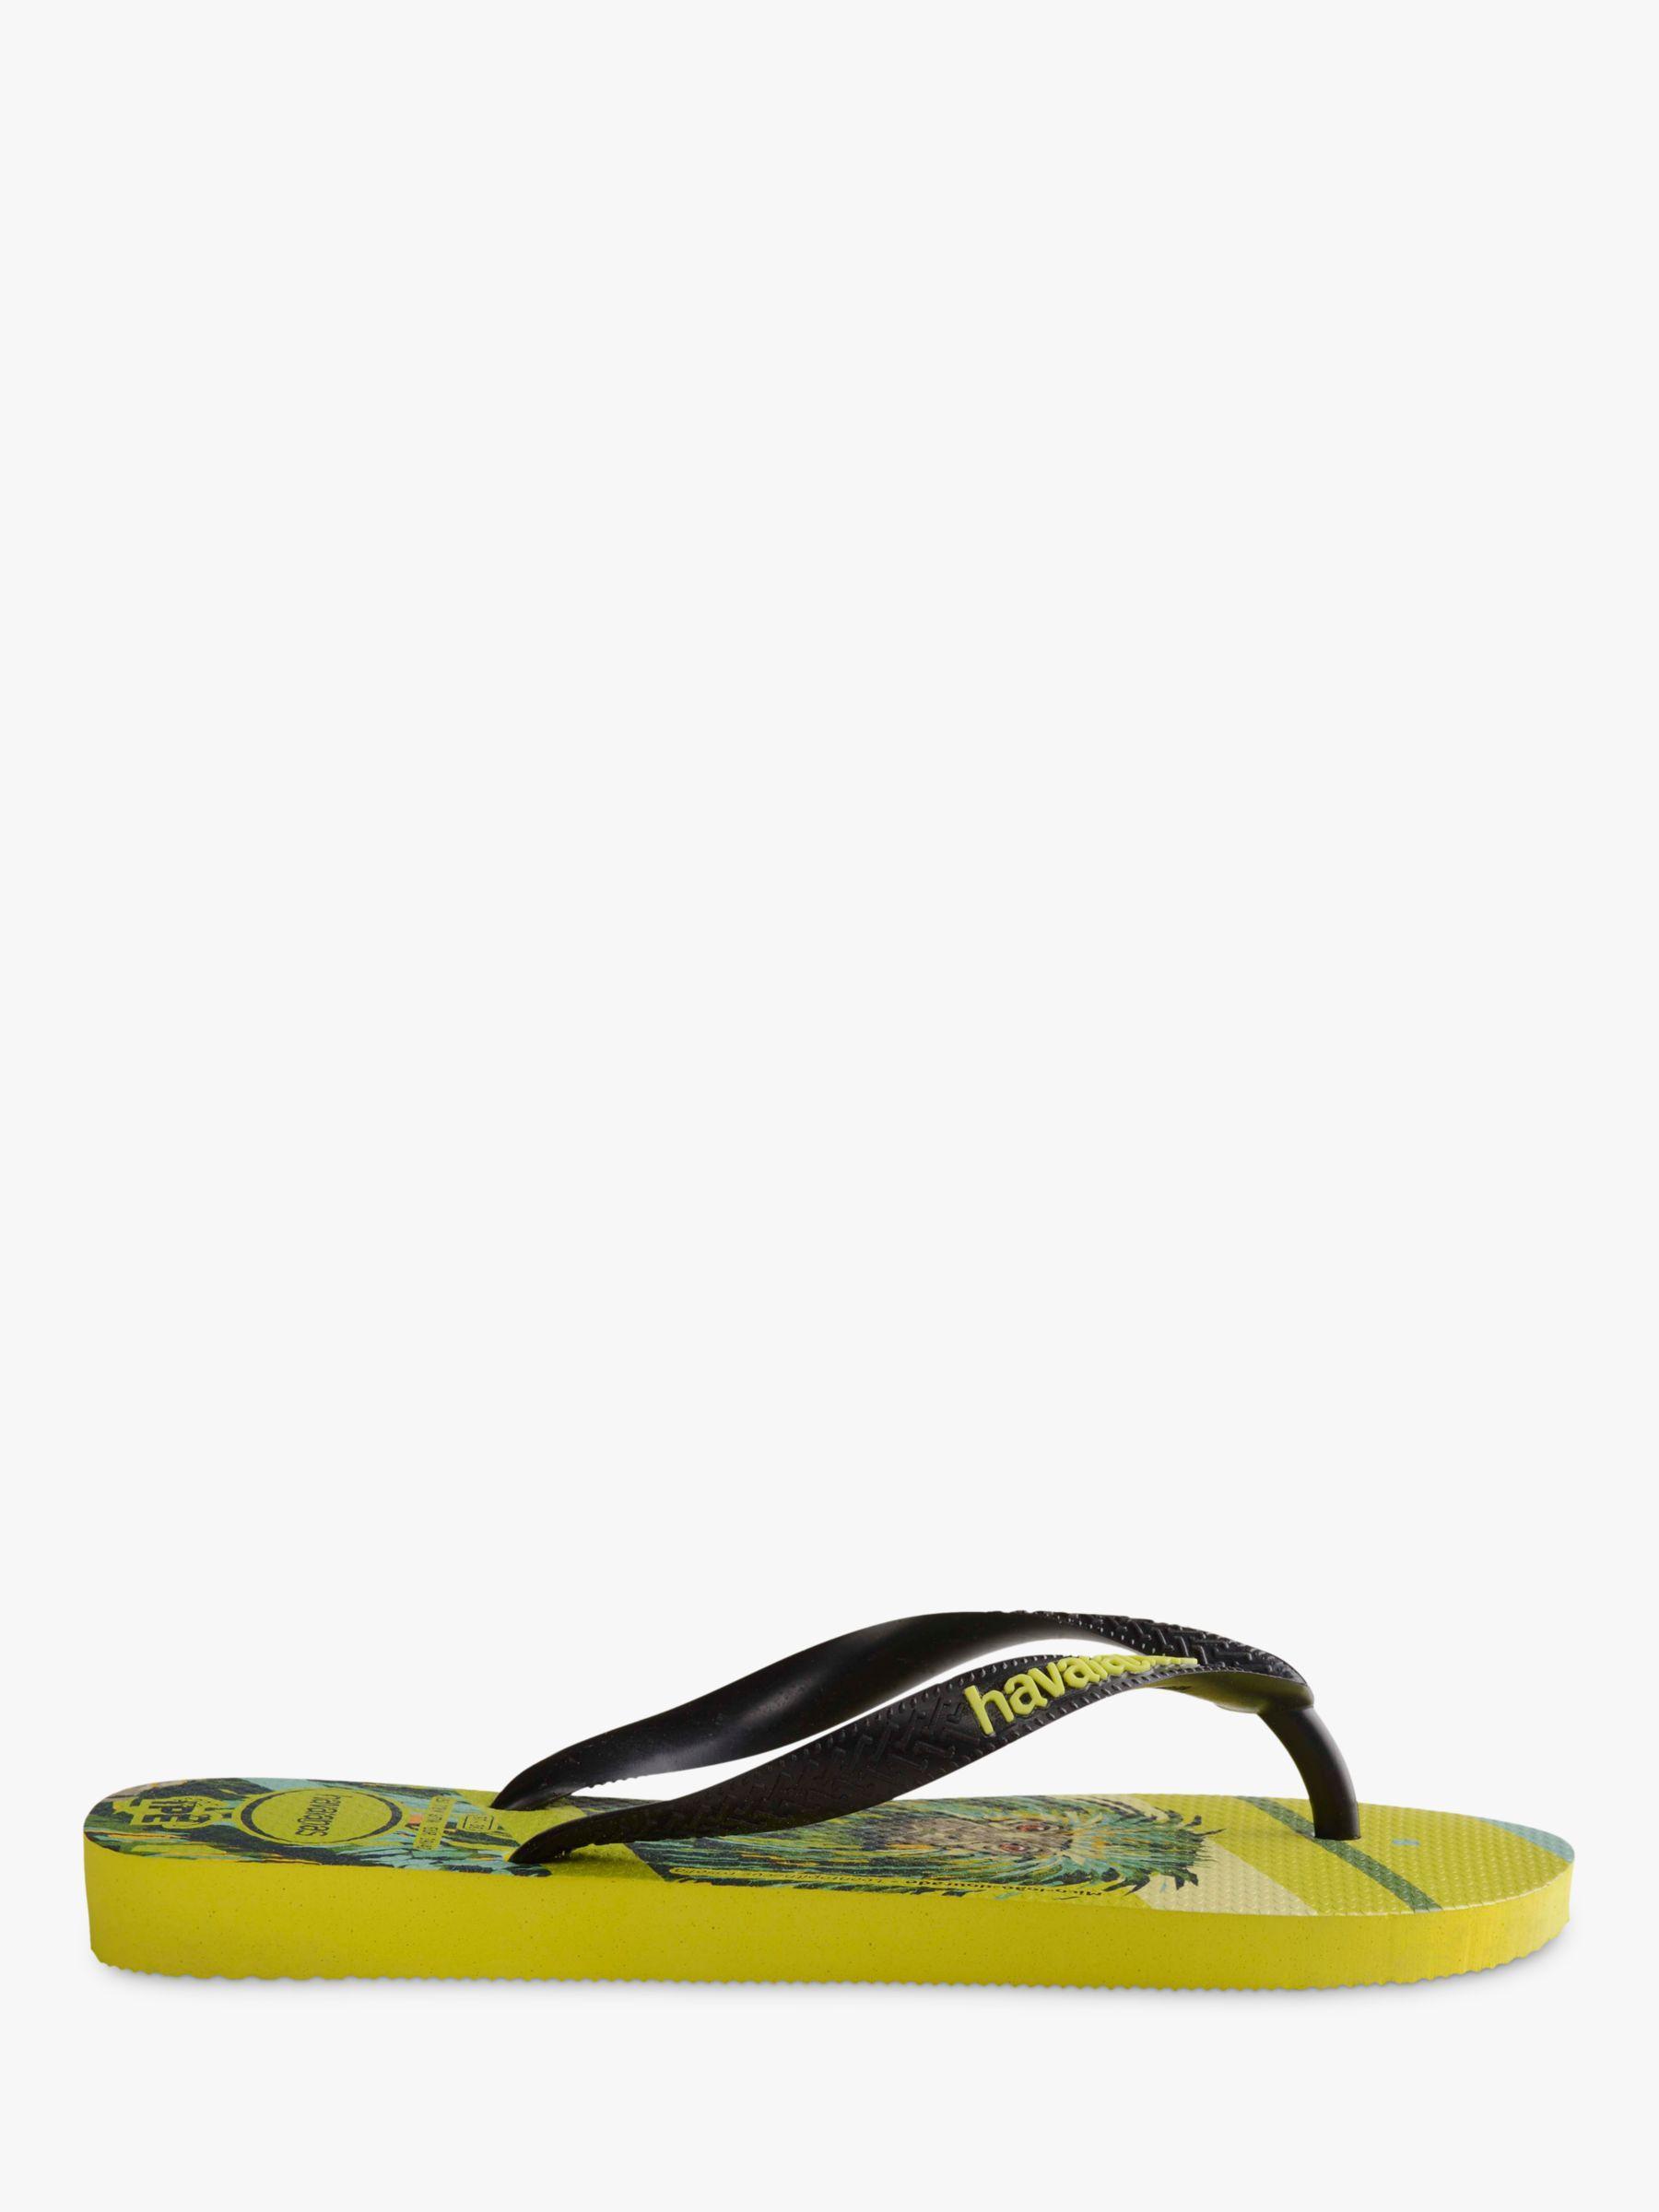 d20a97ef3157 Havaianas Monkey Print Flip Flops in Green for Men - Lyst